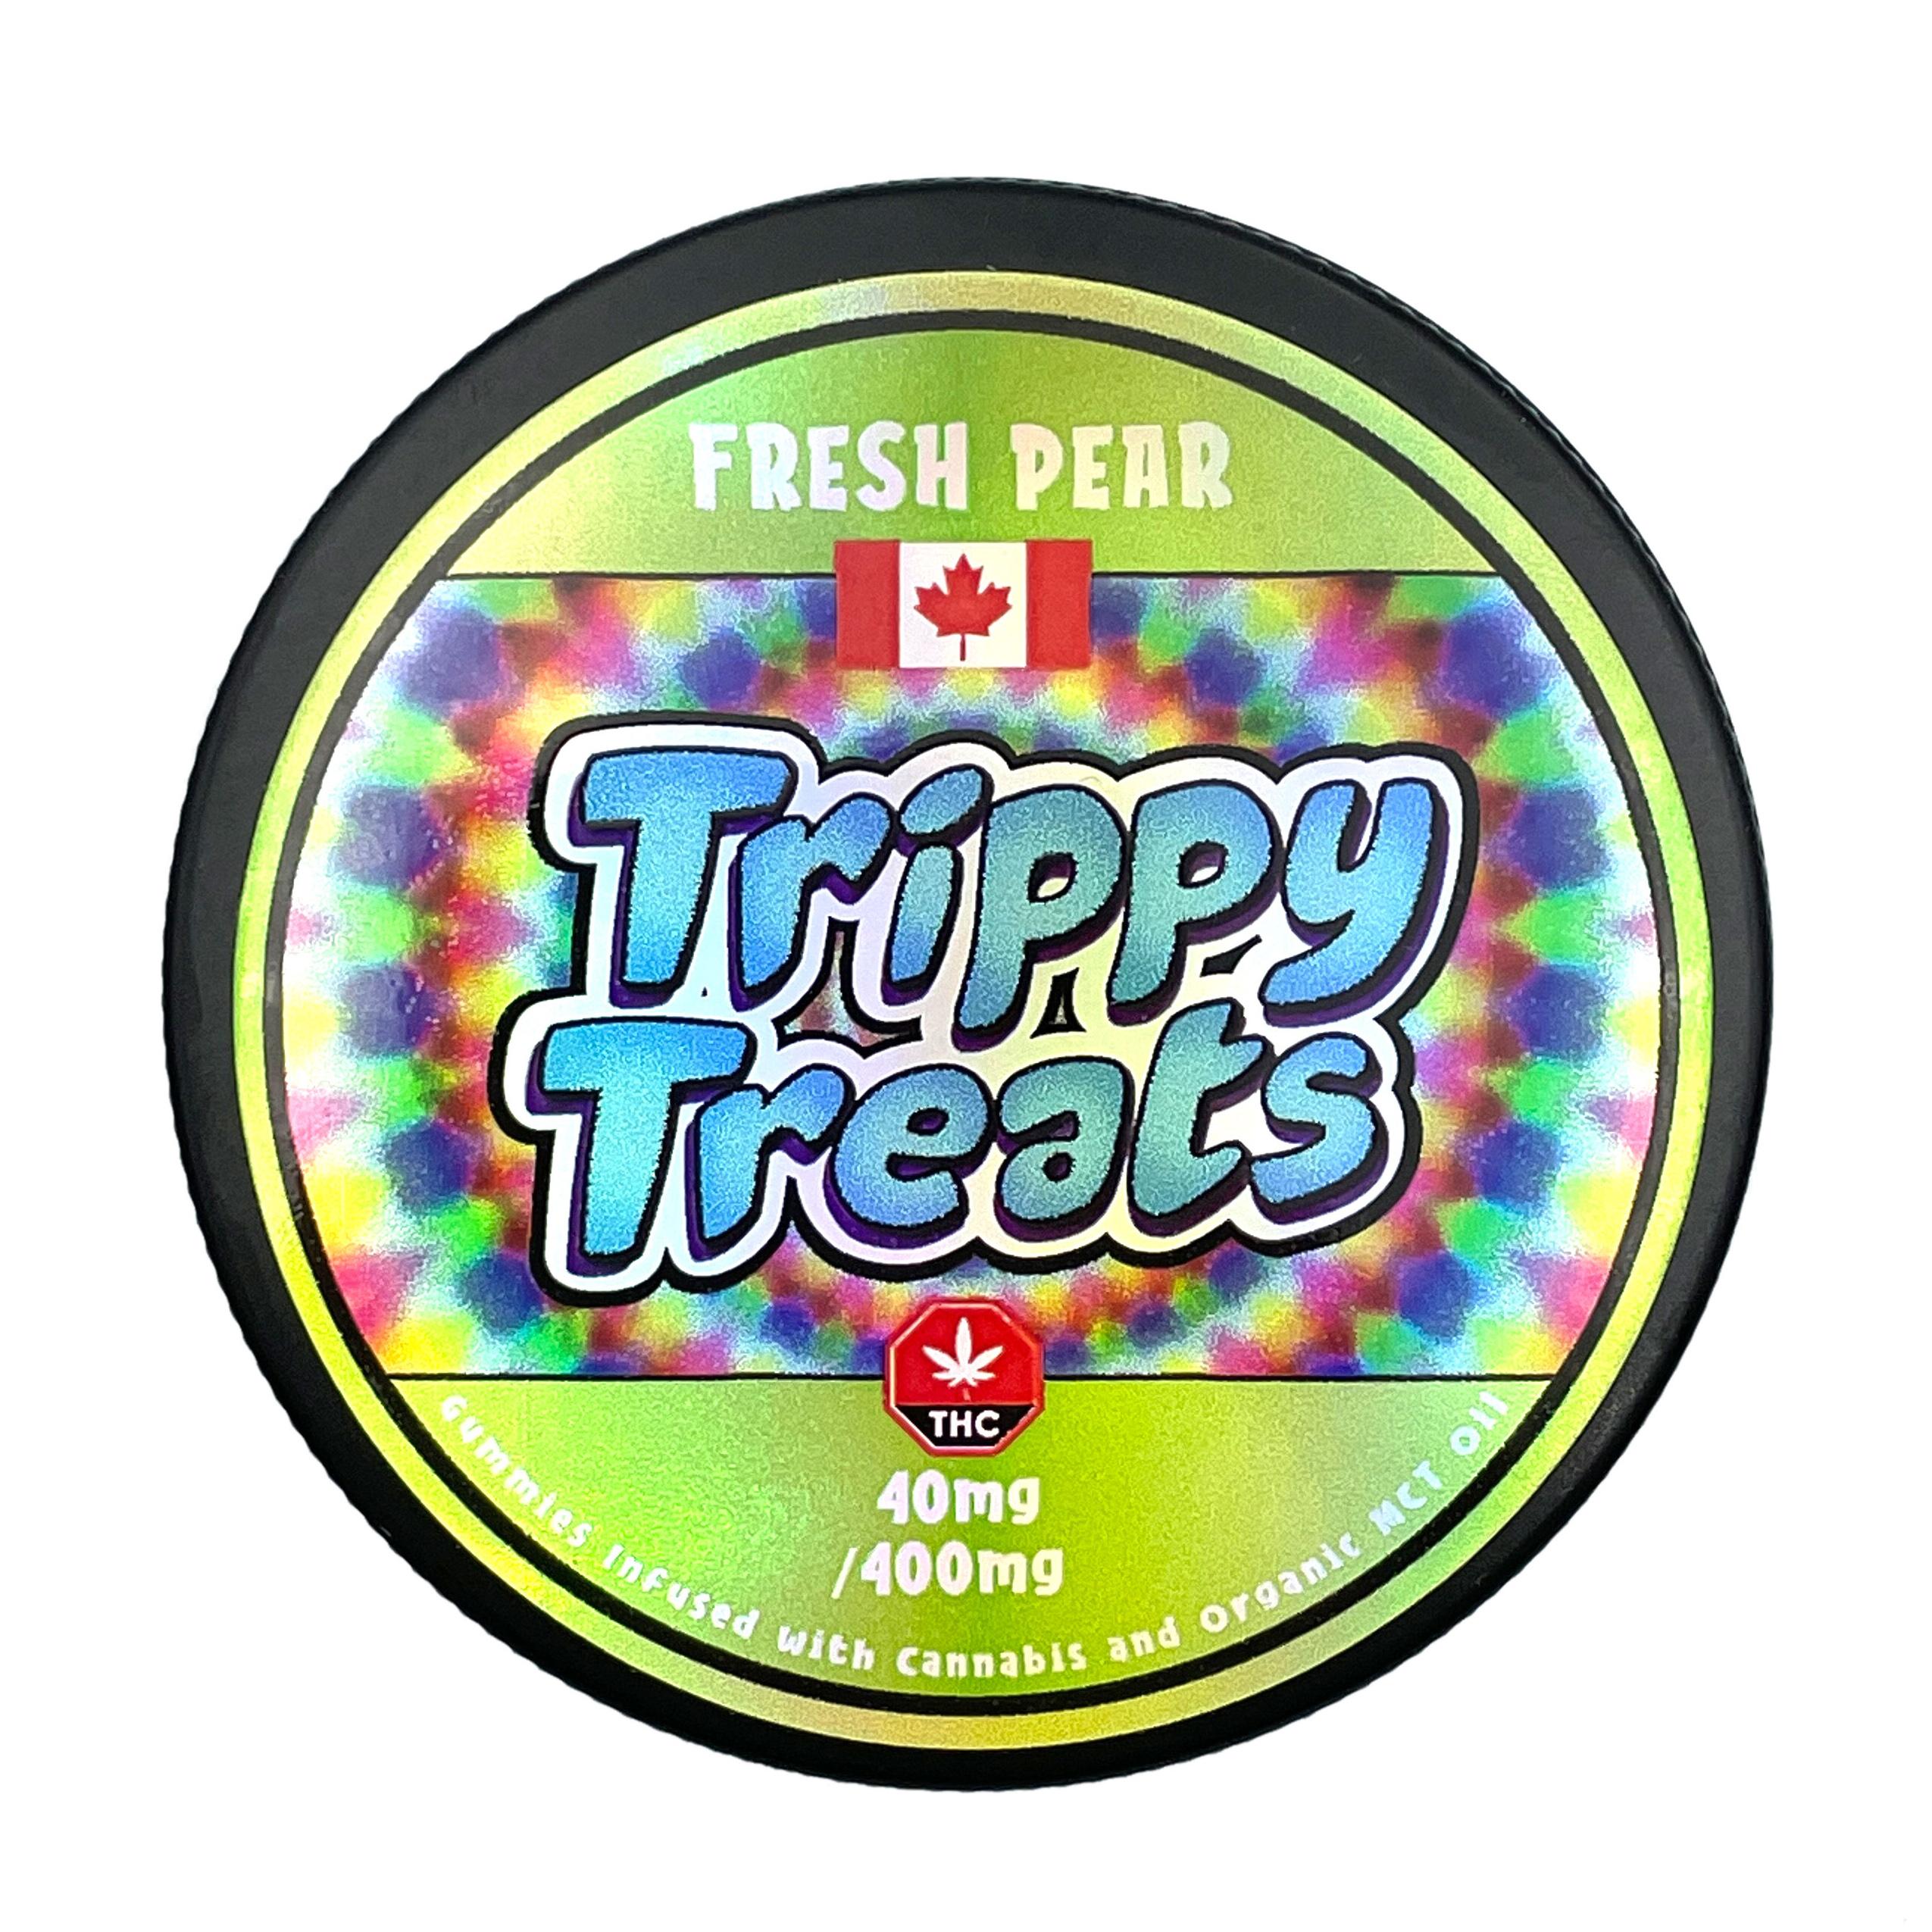 trippyTreats-freshPear5